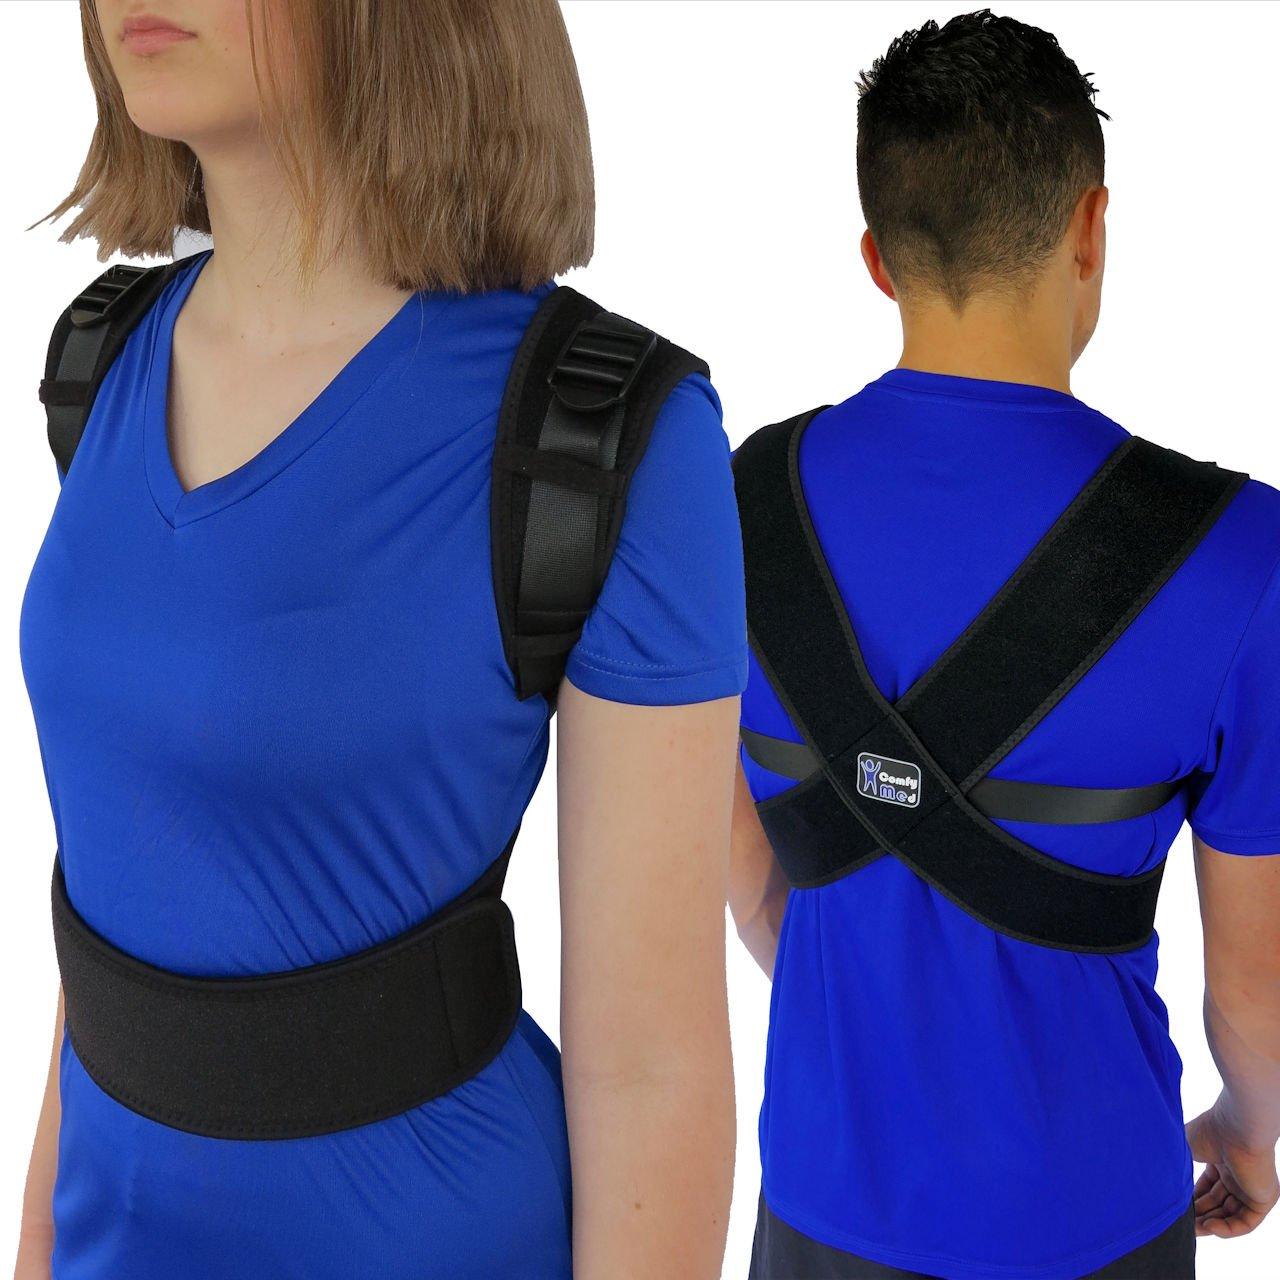 ComfyMed Posture Corrector